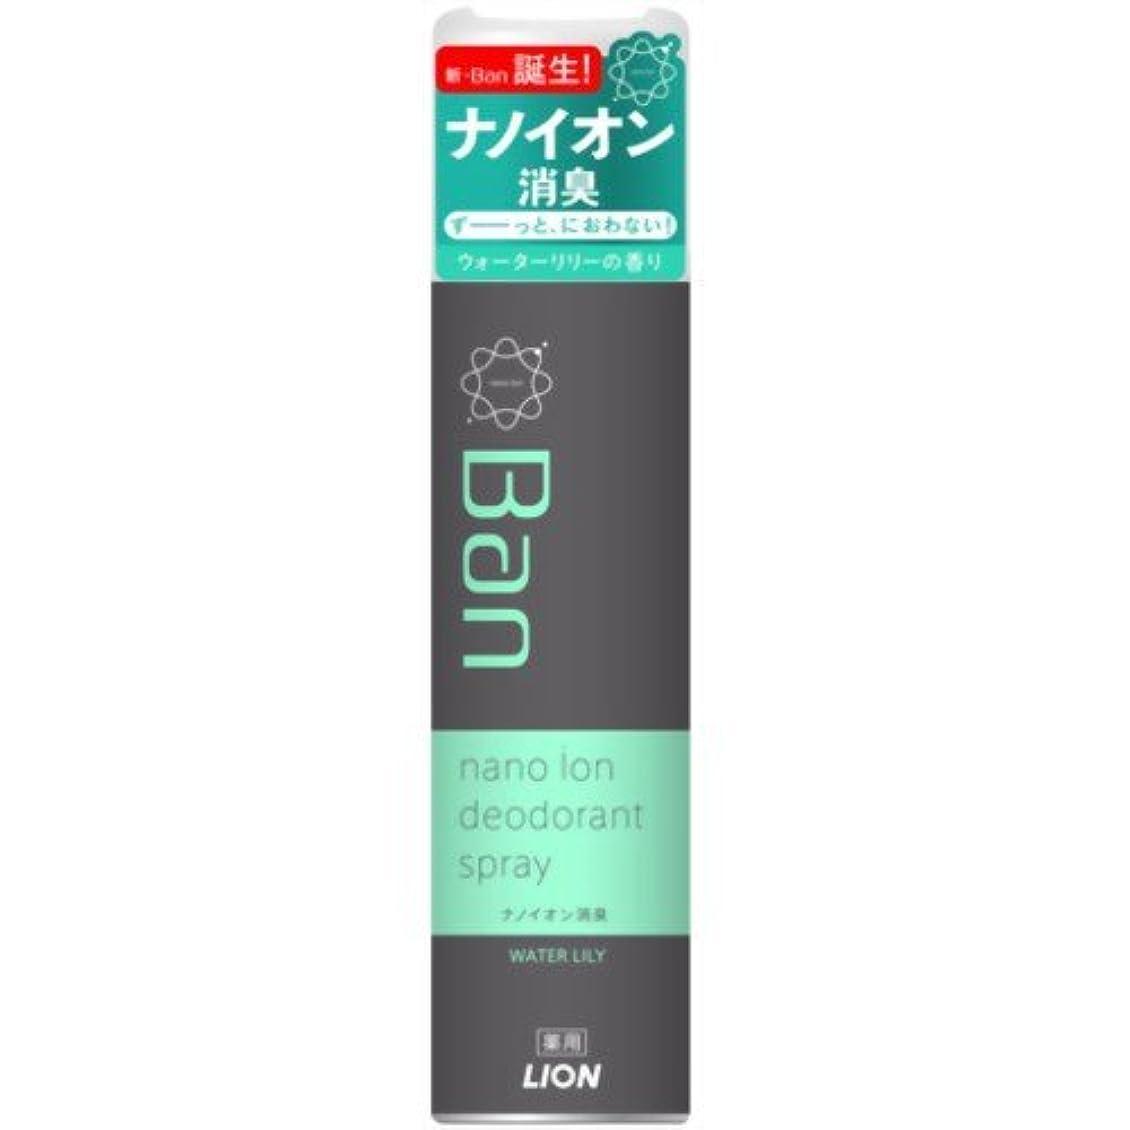 オーク楽しませる線形Ban デオドラントパウダースプレー ウォーターリリーの香り 45g (医薬部外品)